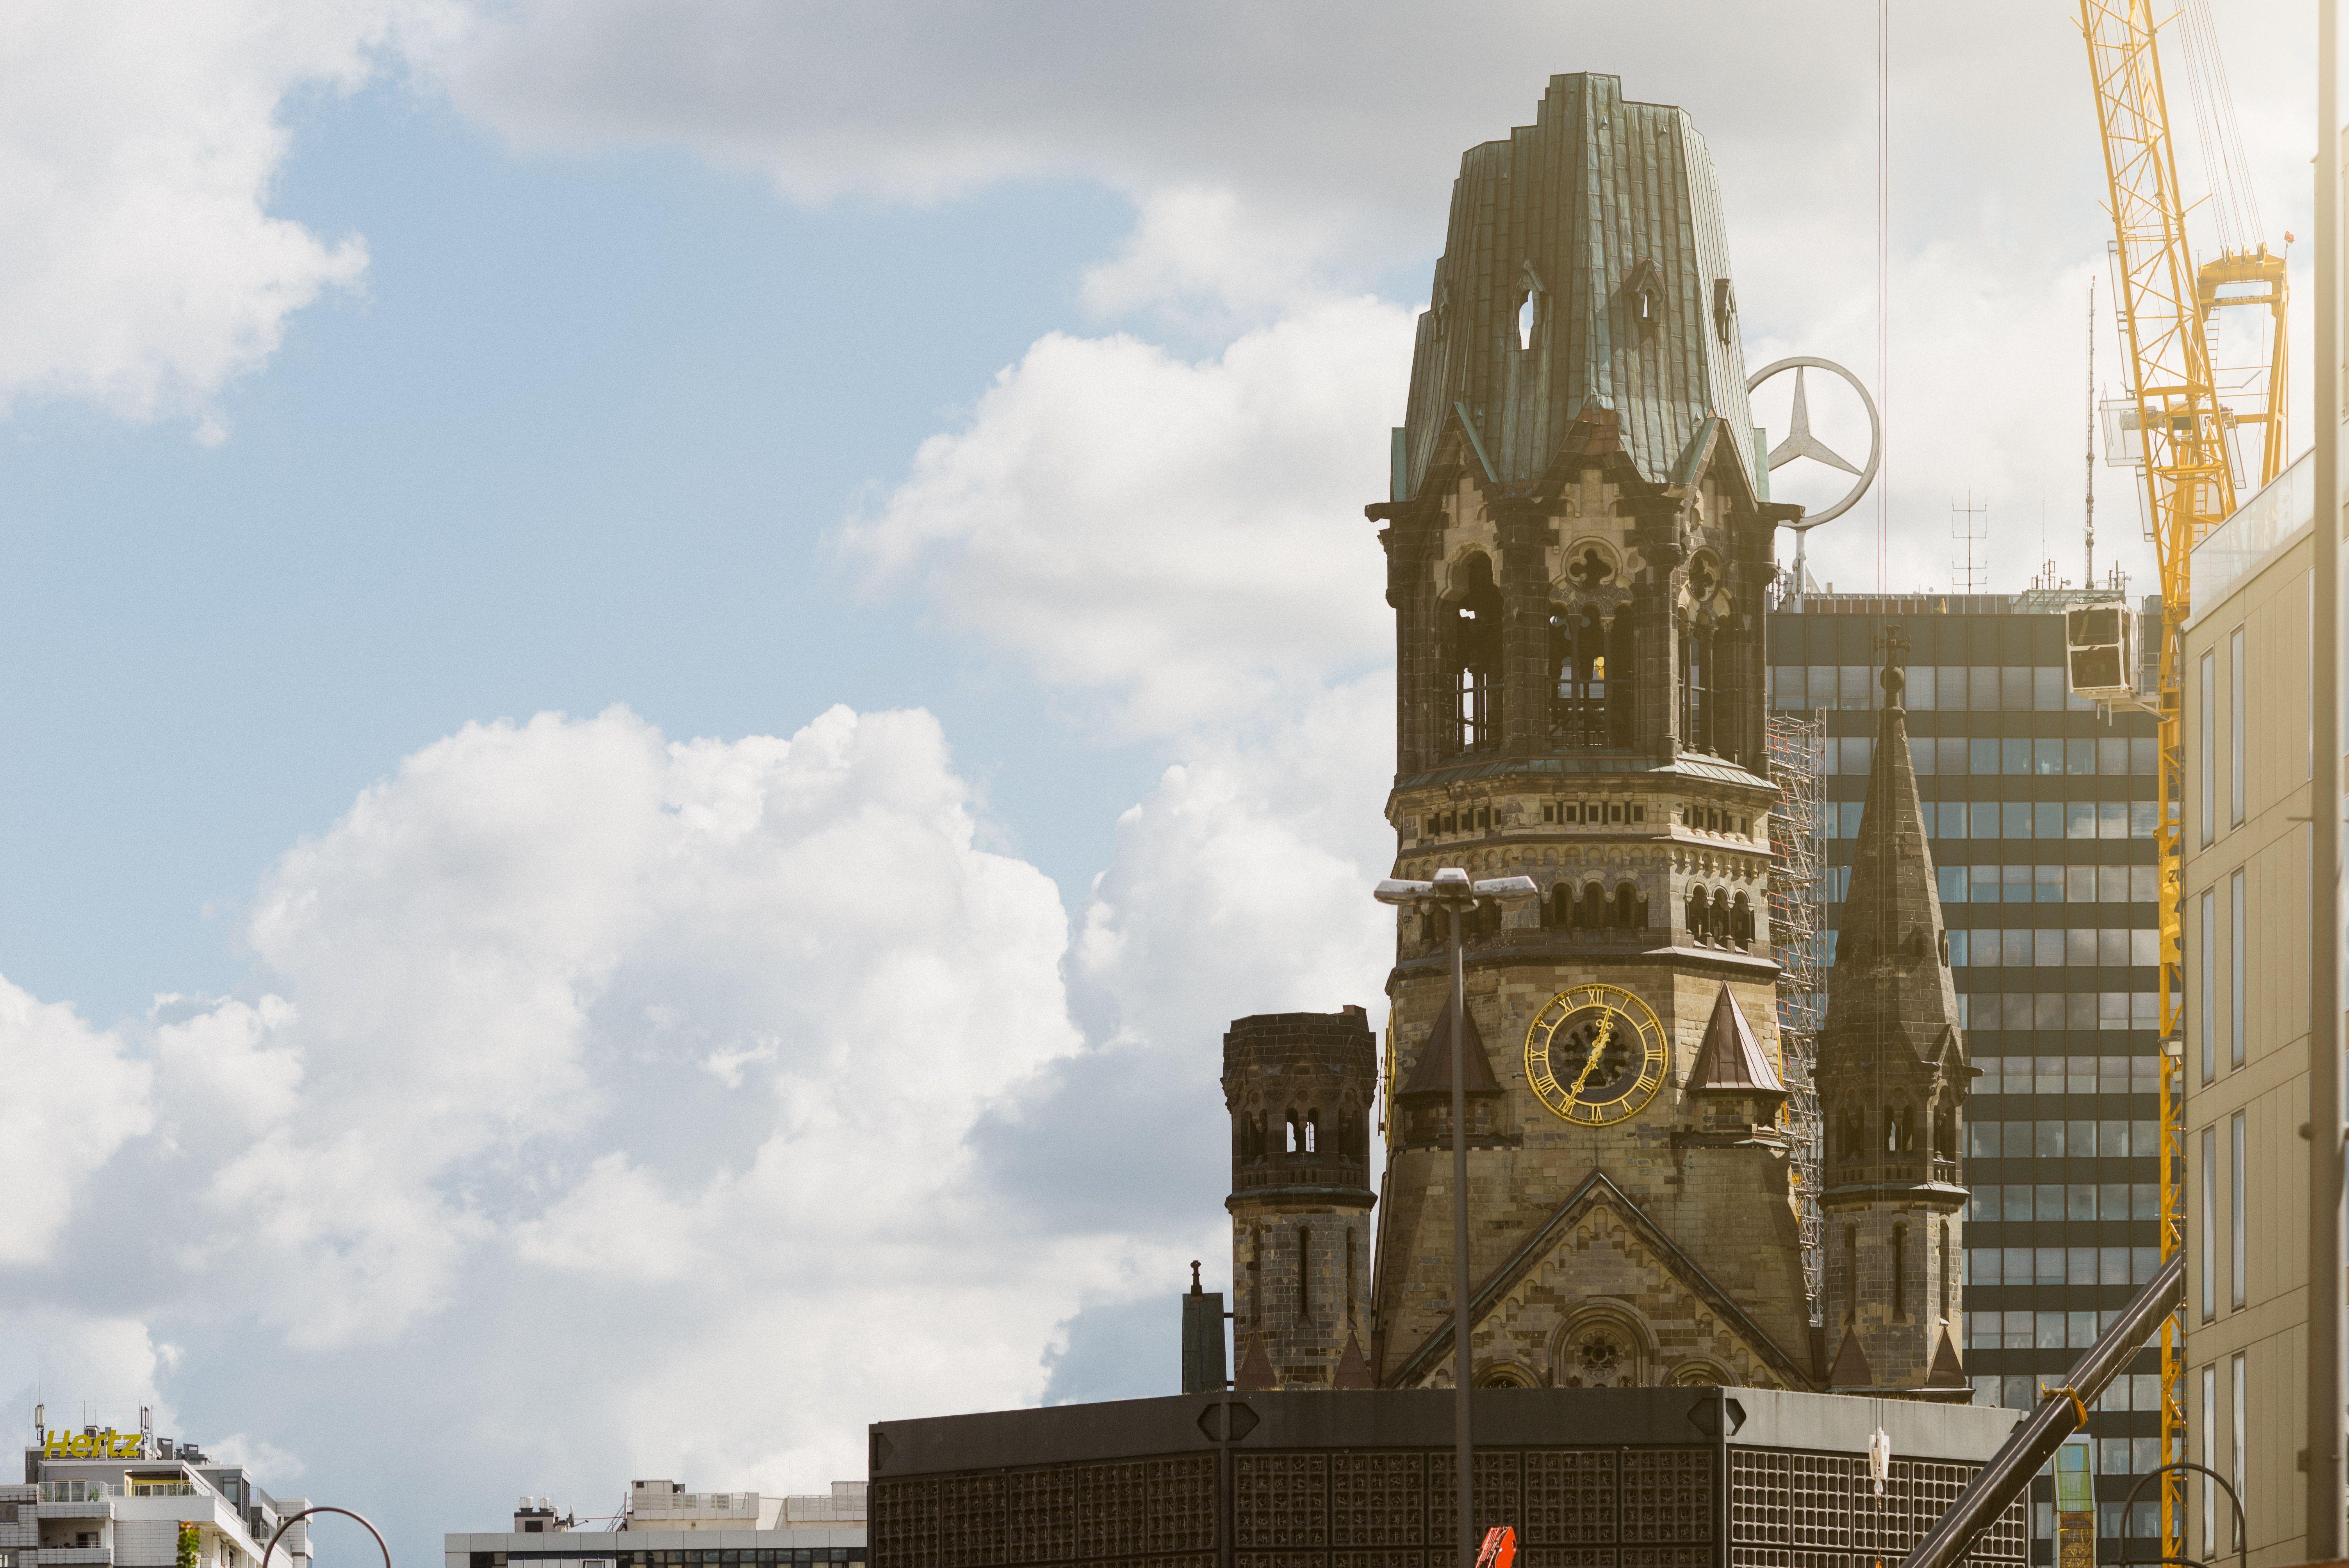 Kaiser-Wilhelm Gedächtnis-Kirche am Breitscheidsplatz, Charlottenburg in Berlin, Berlin, Nachbarschaft, Lifestyle, Kiez, Stadtteil, Bezirk, Wohnen